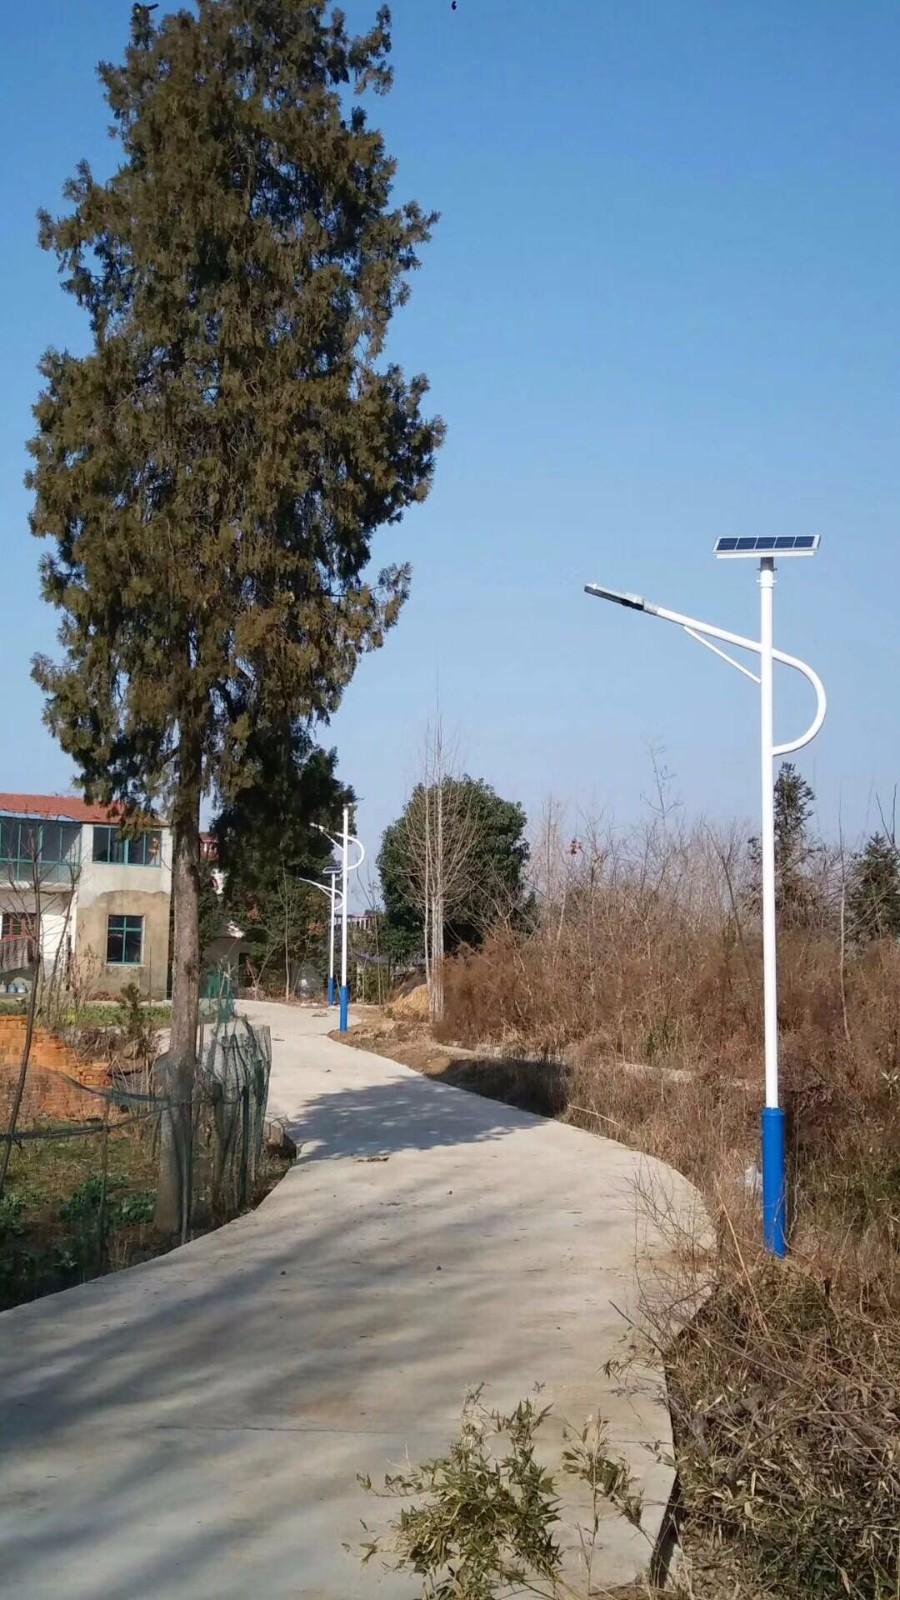 乐安 太阳能路灯 生产厂家欢迎咨询 乐安